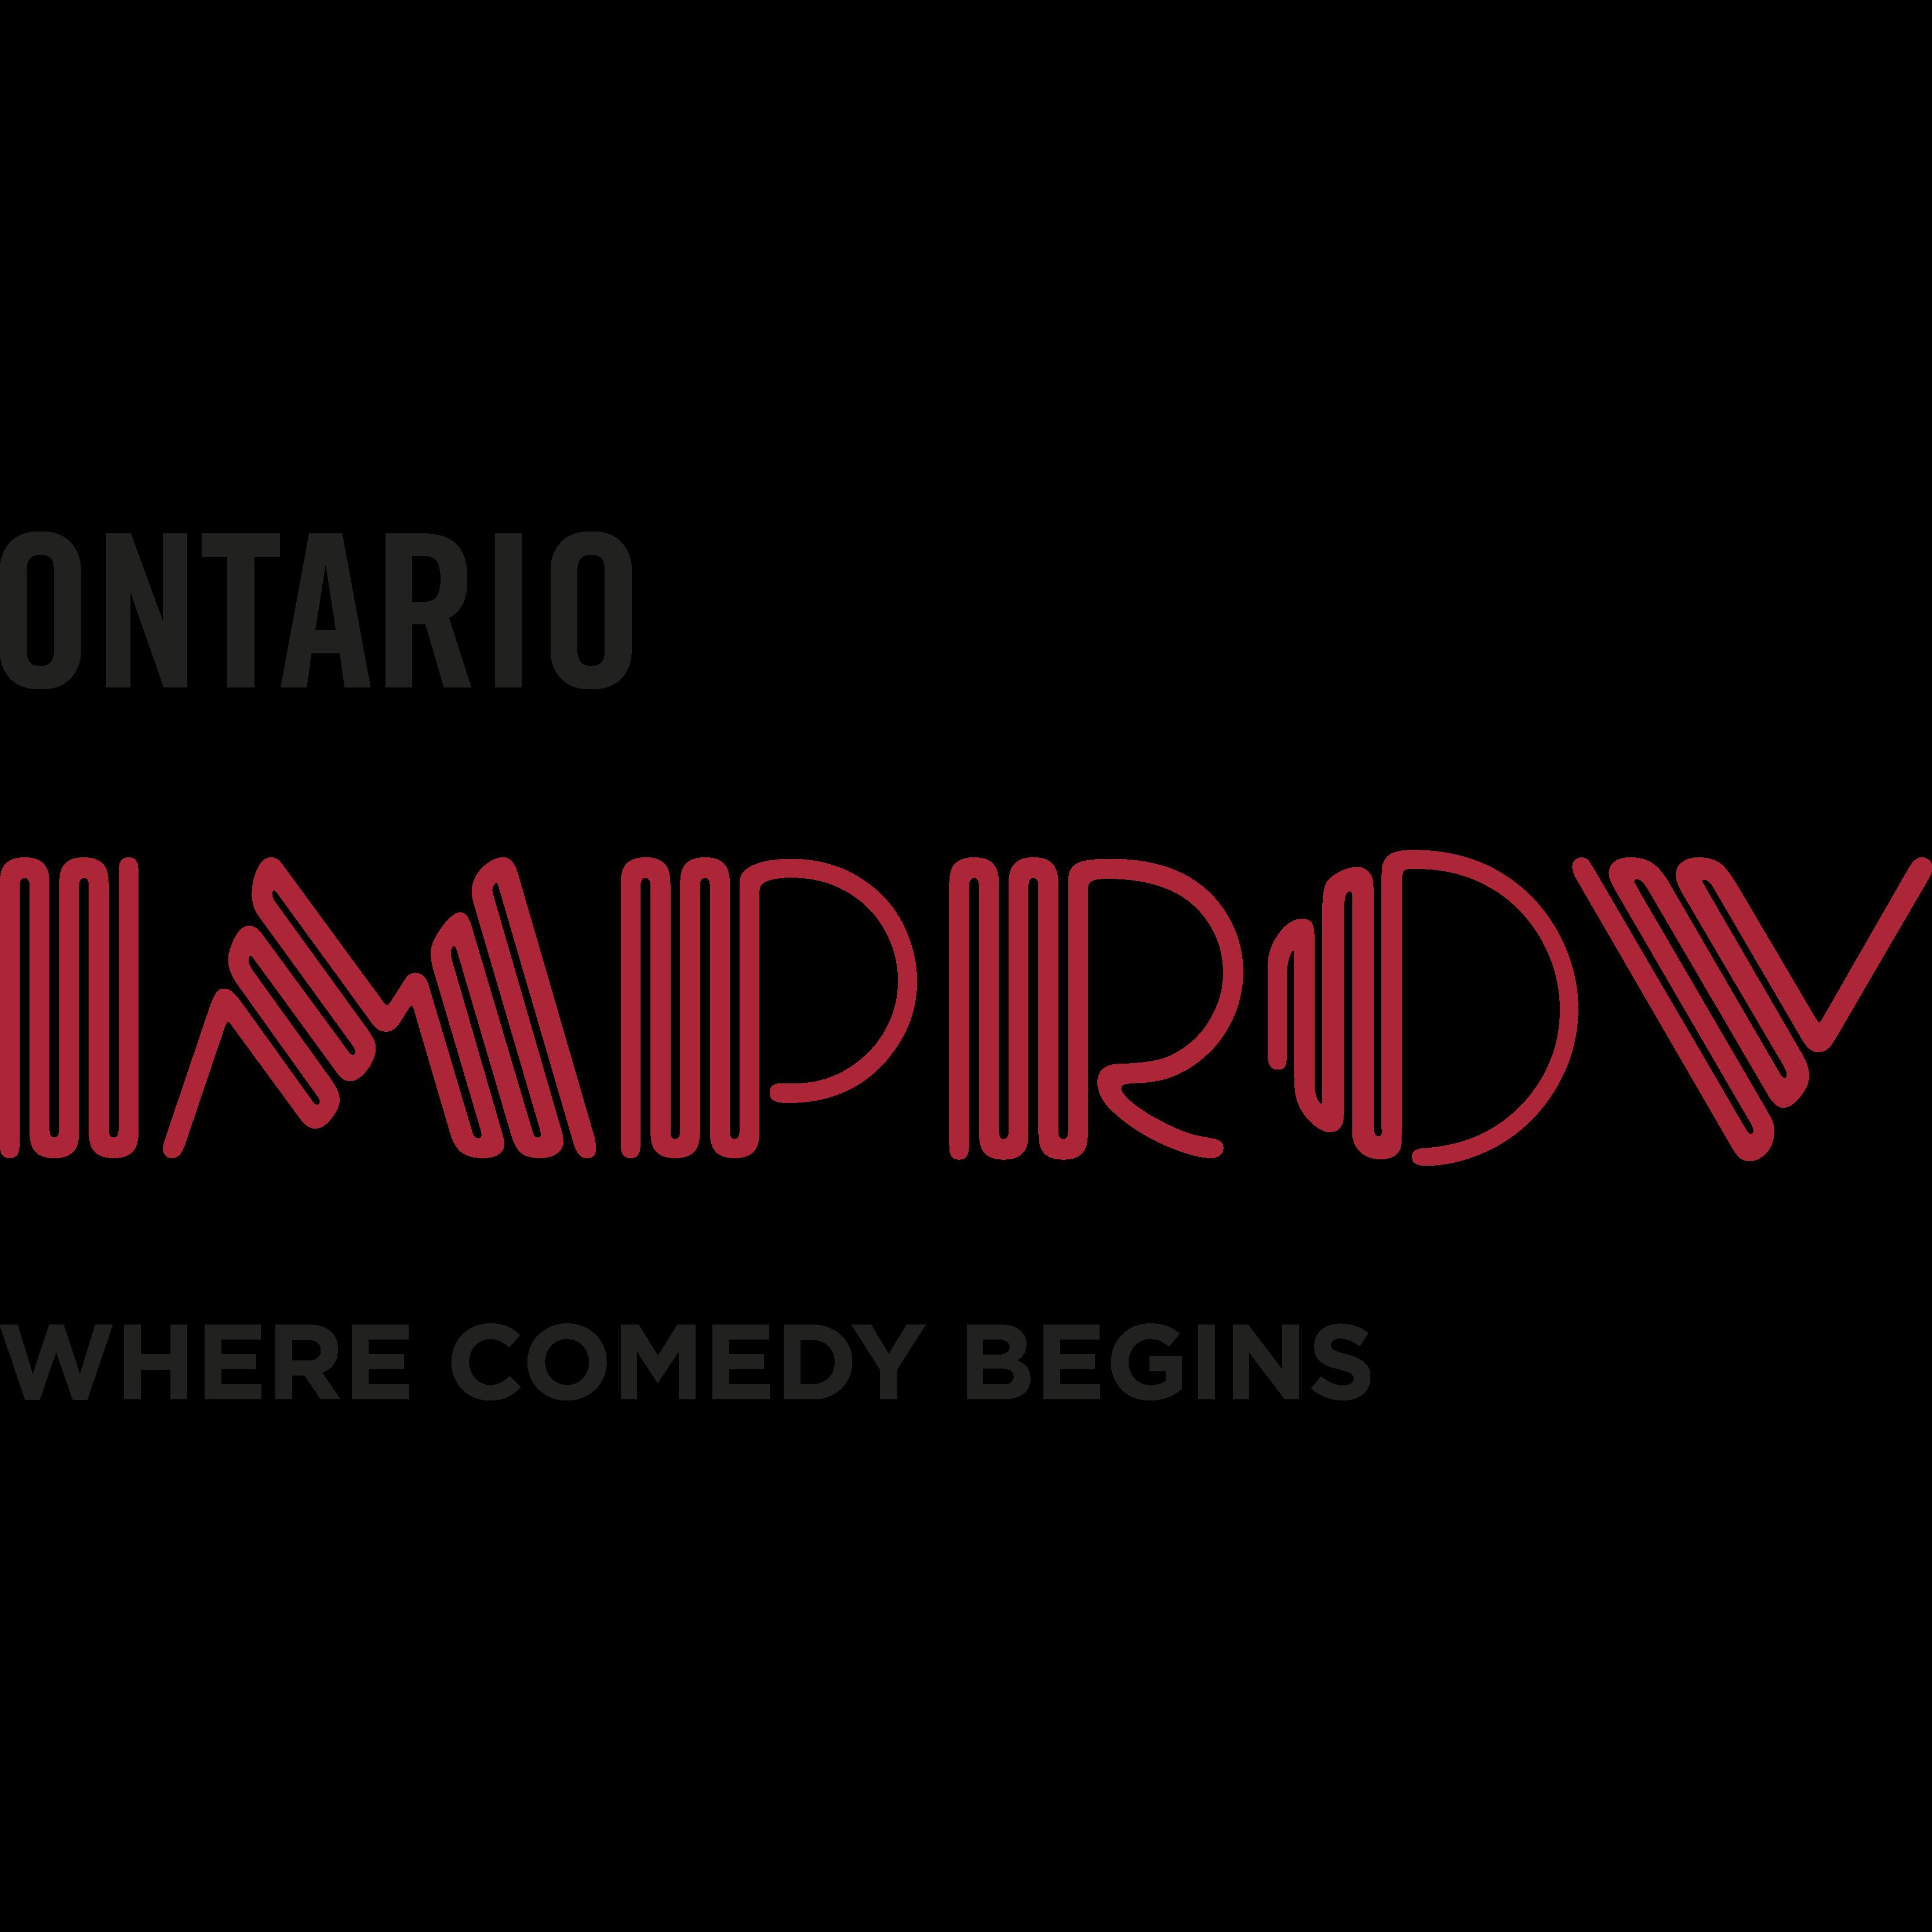 Ontario Improv Comedy Club